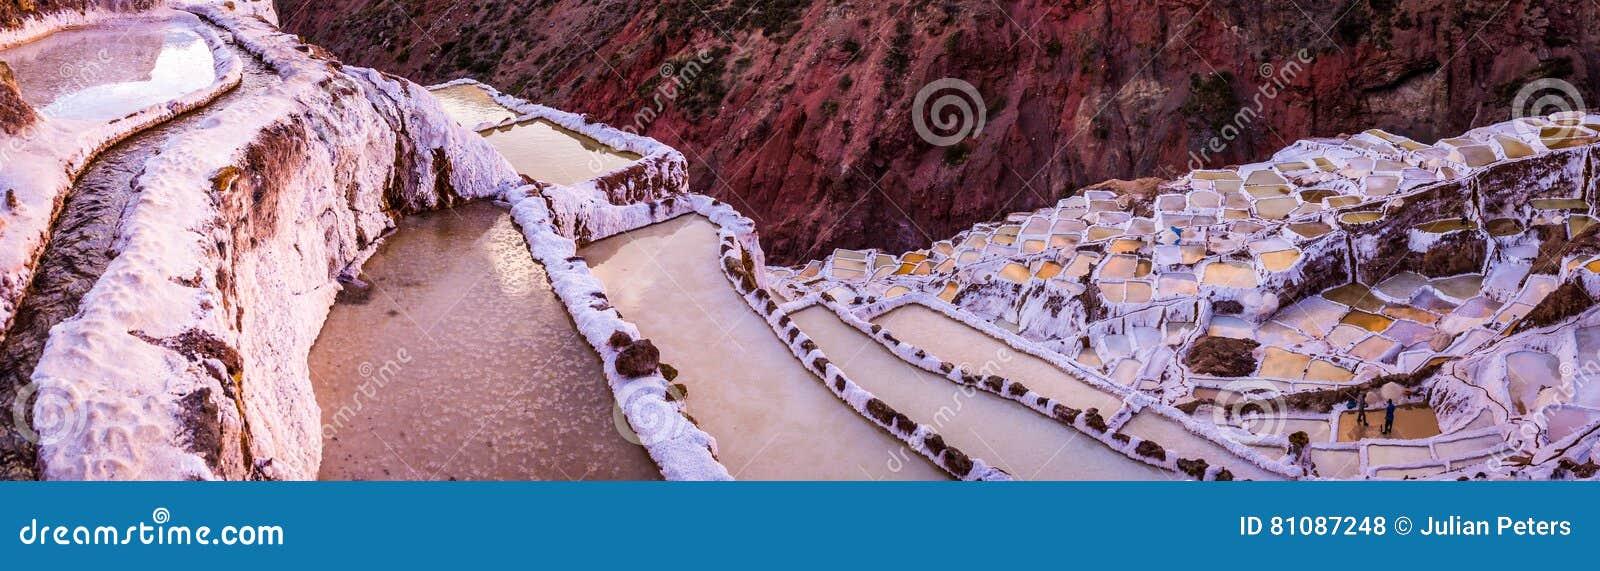 盐看法筑成池塘, Maras,库斯科省,秘鲁